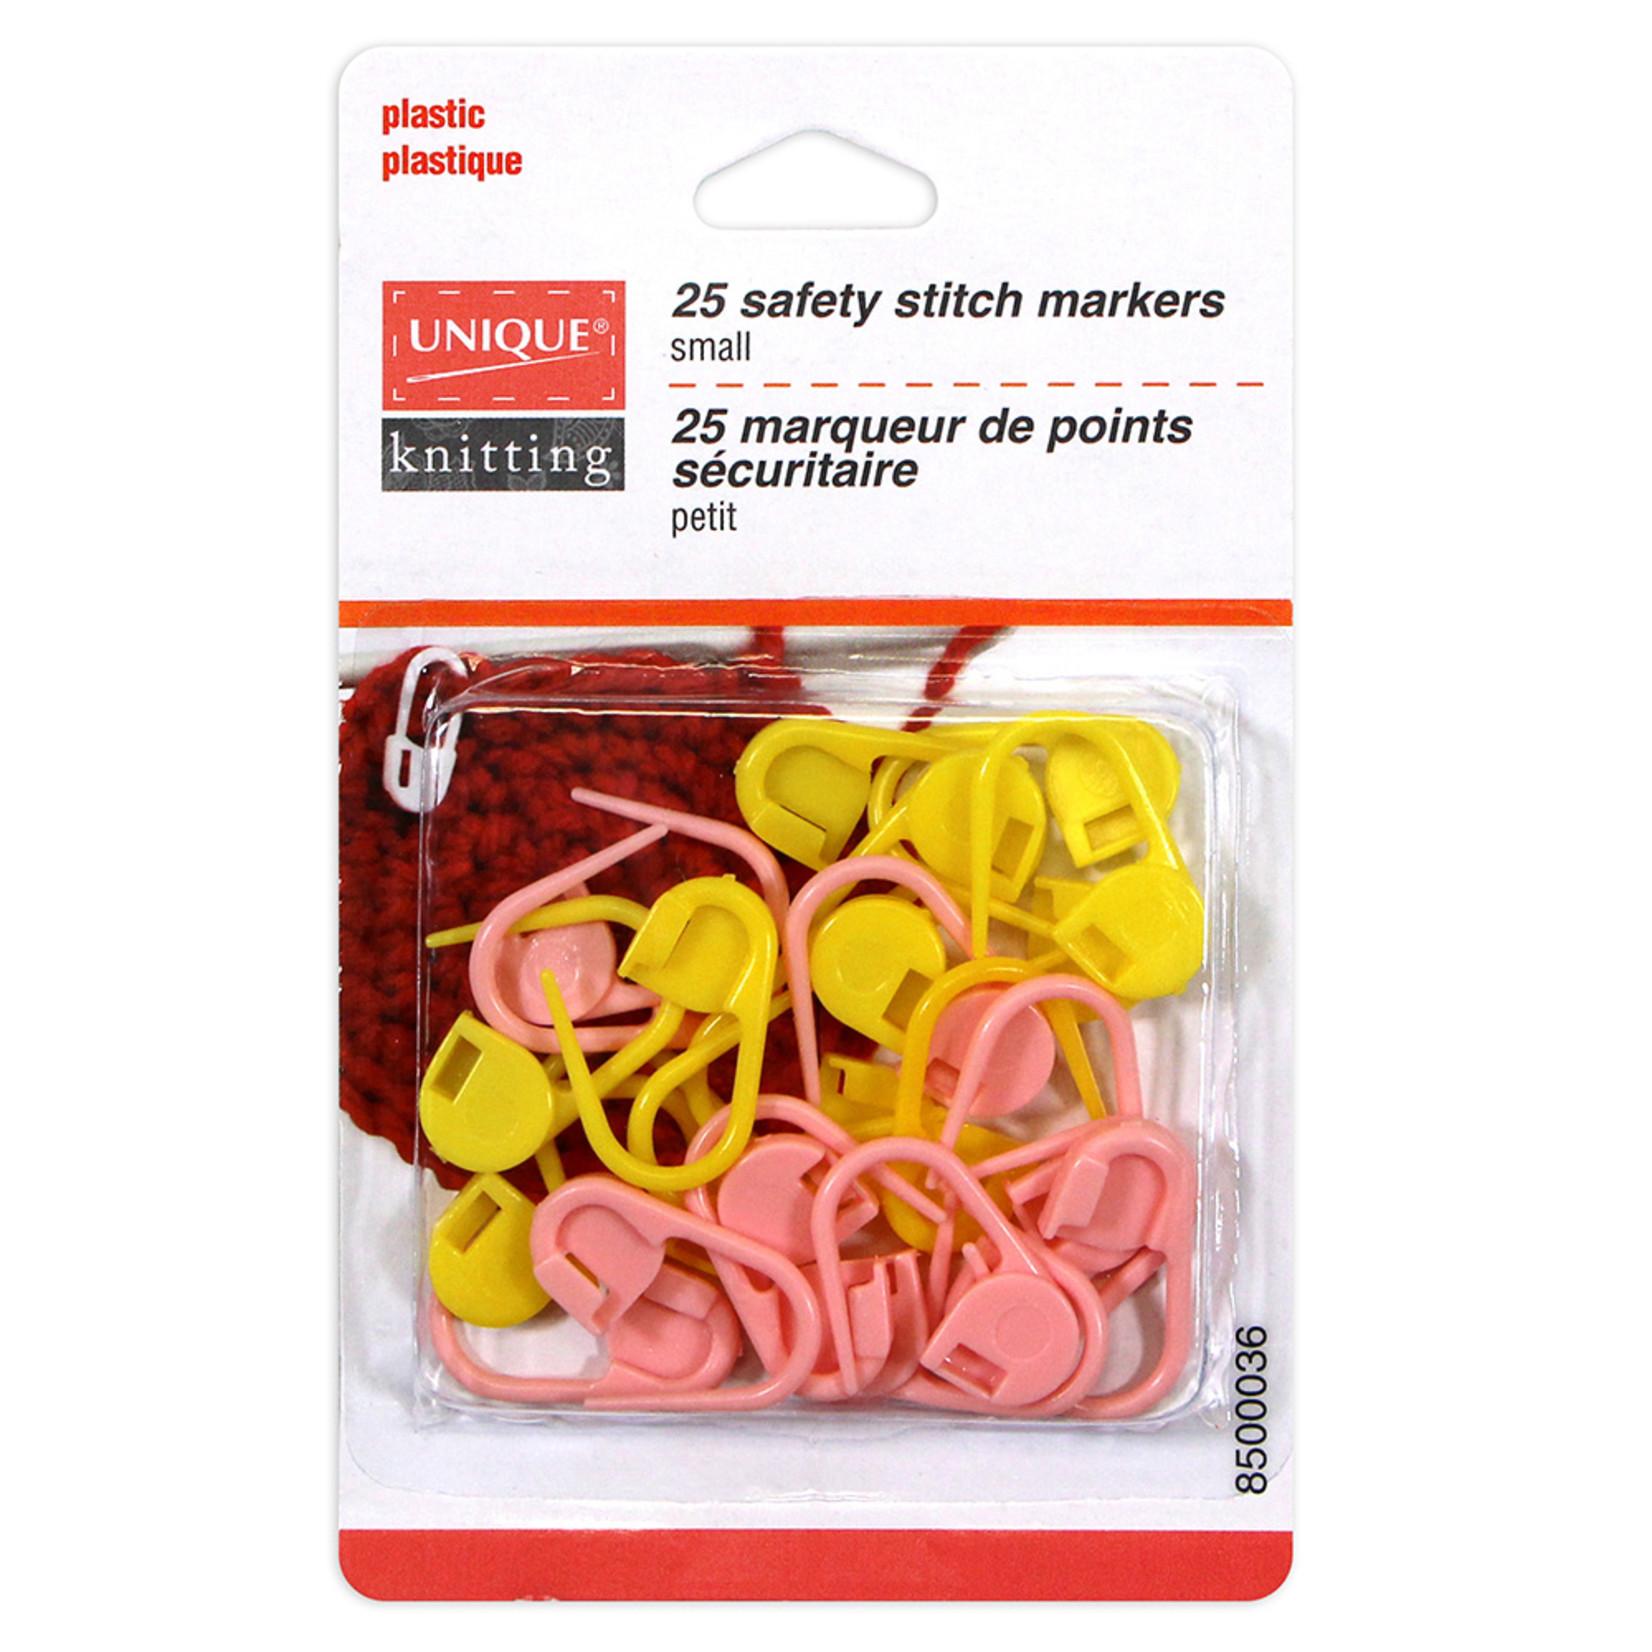 Unique Safety Stitch Markers (25pcs)